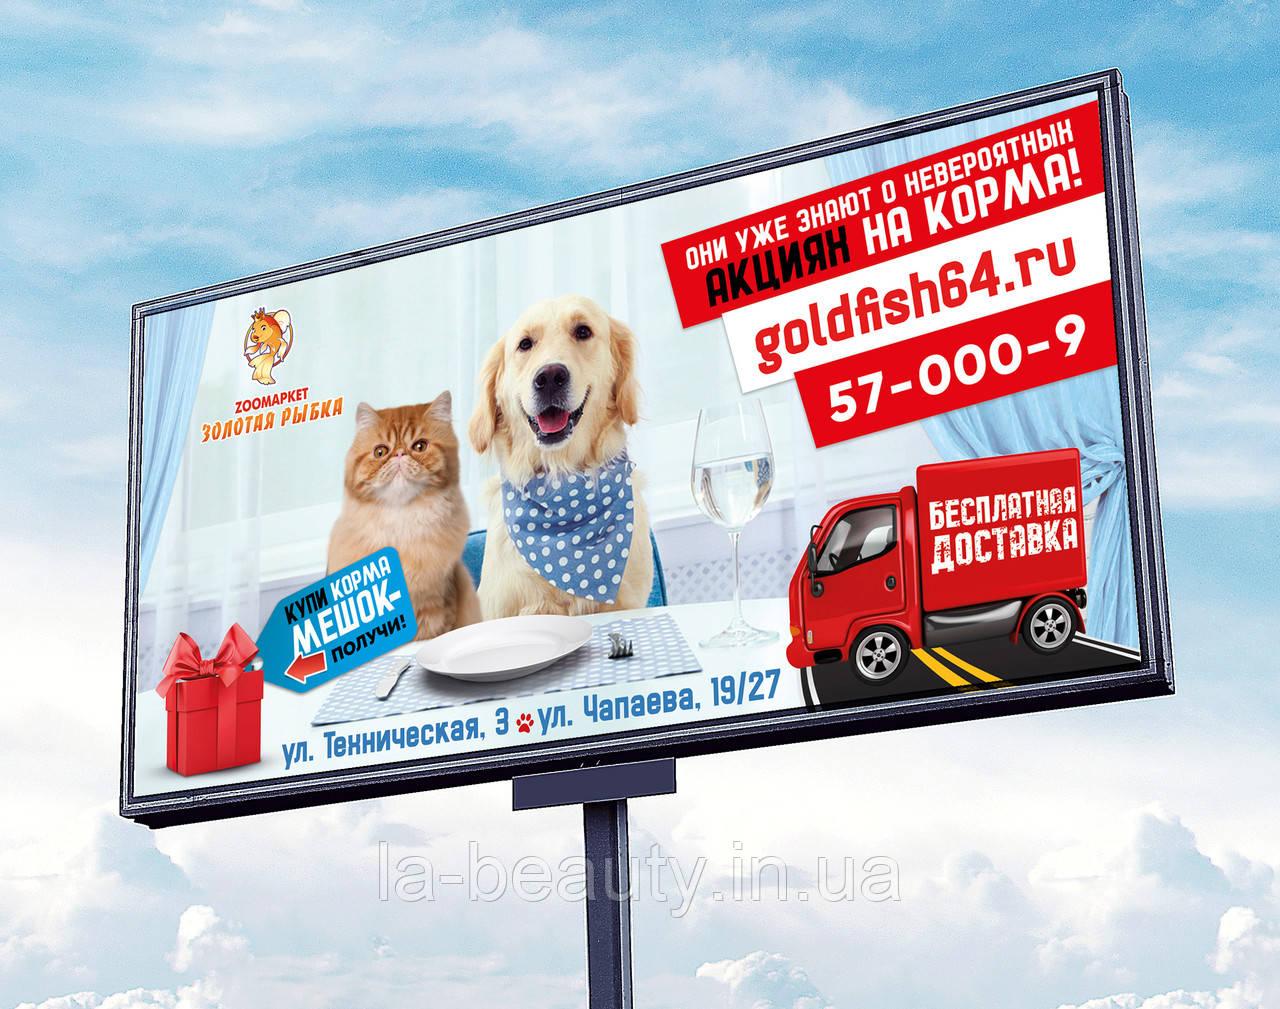 Дизайн наружной рекламы (билборд / бигборд) Зоомагазин Золотая Рыбка